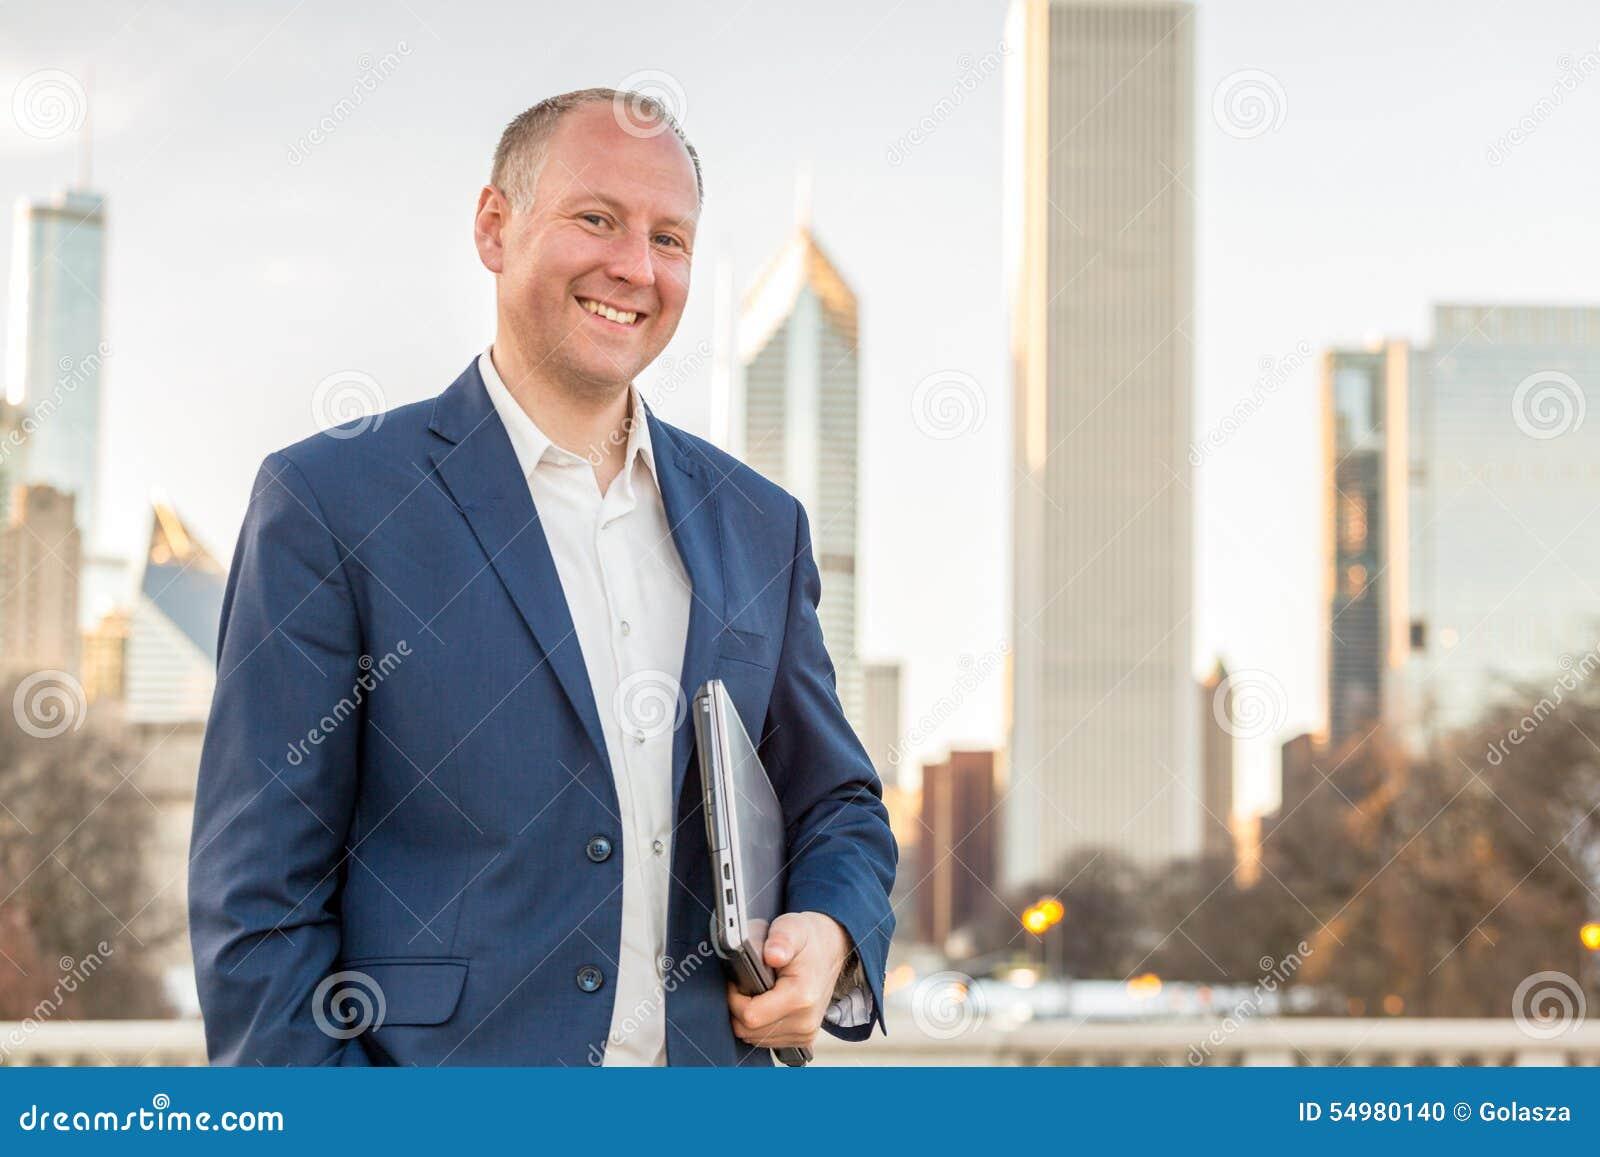 Homme d affaires avec l ordinateur portable devant des immeubles de bureaux